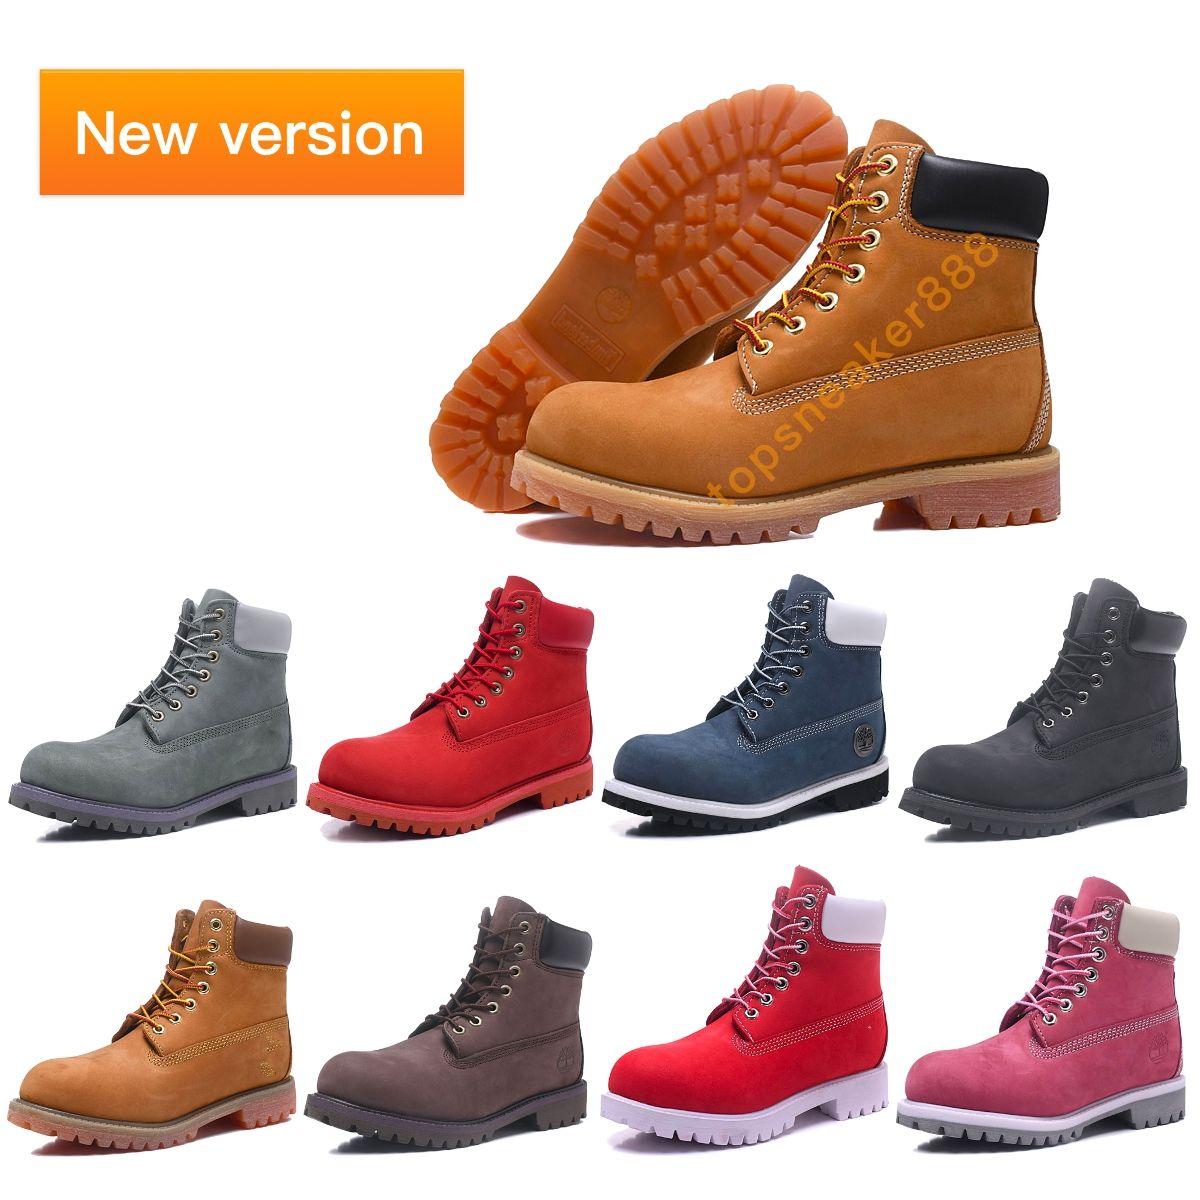 2020 جديد verson الرجل في الهواء الطلق الأحذية الأصفر الأسود البني حجم 36-45 الكلاسيكية قسط الأحذية القمح nubuck النساء أحذية الشتاء